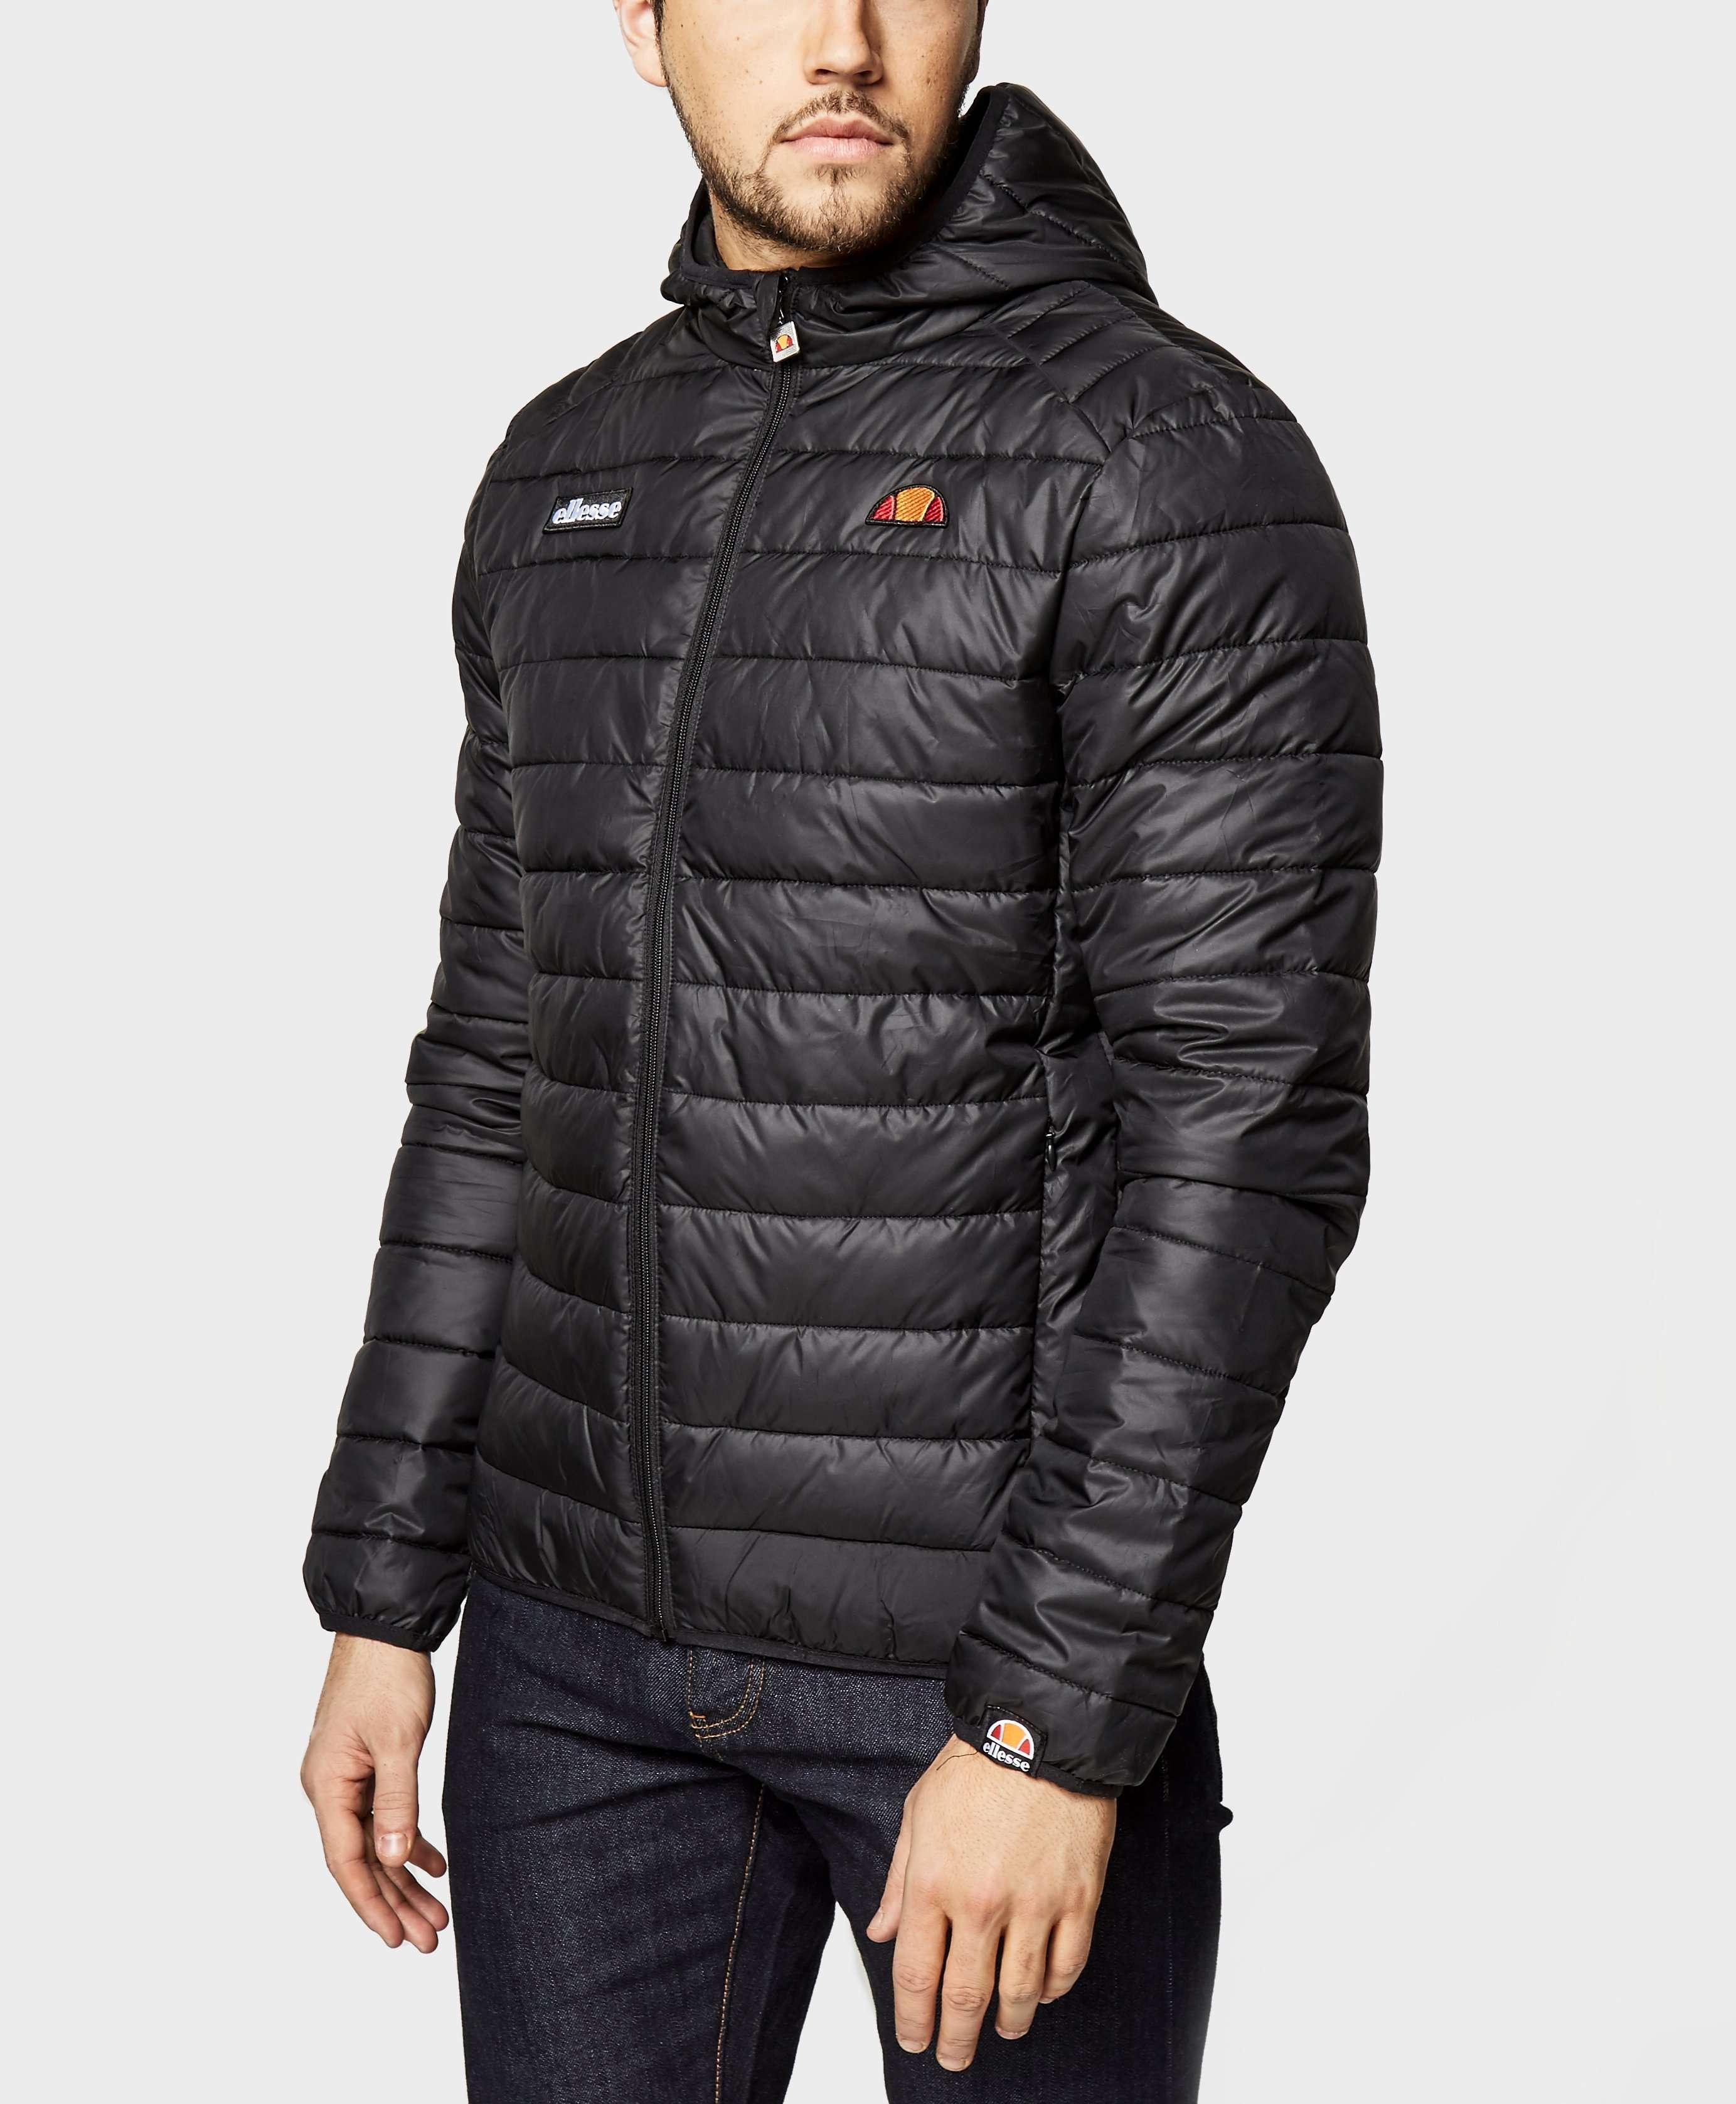 Padded Overhead Jacket In Black - Black Ellesse